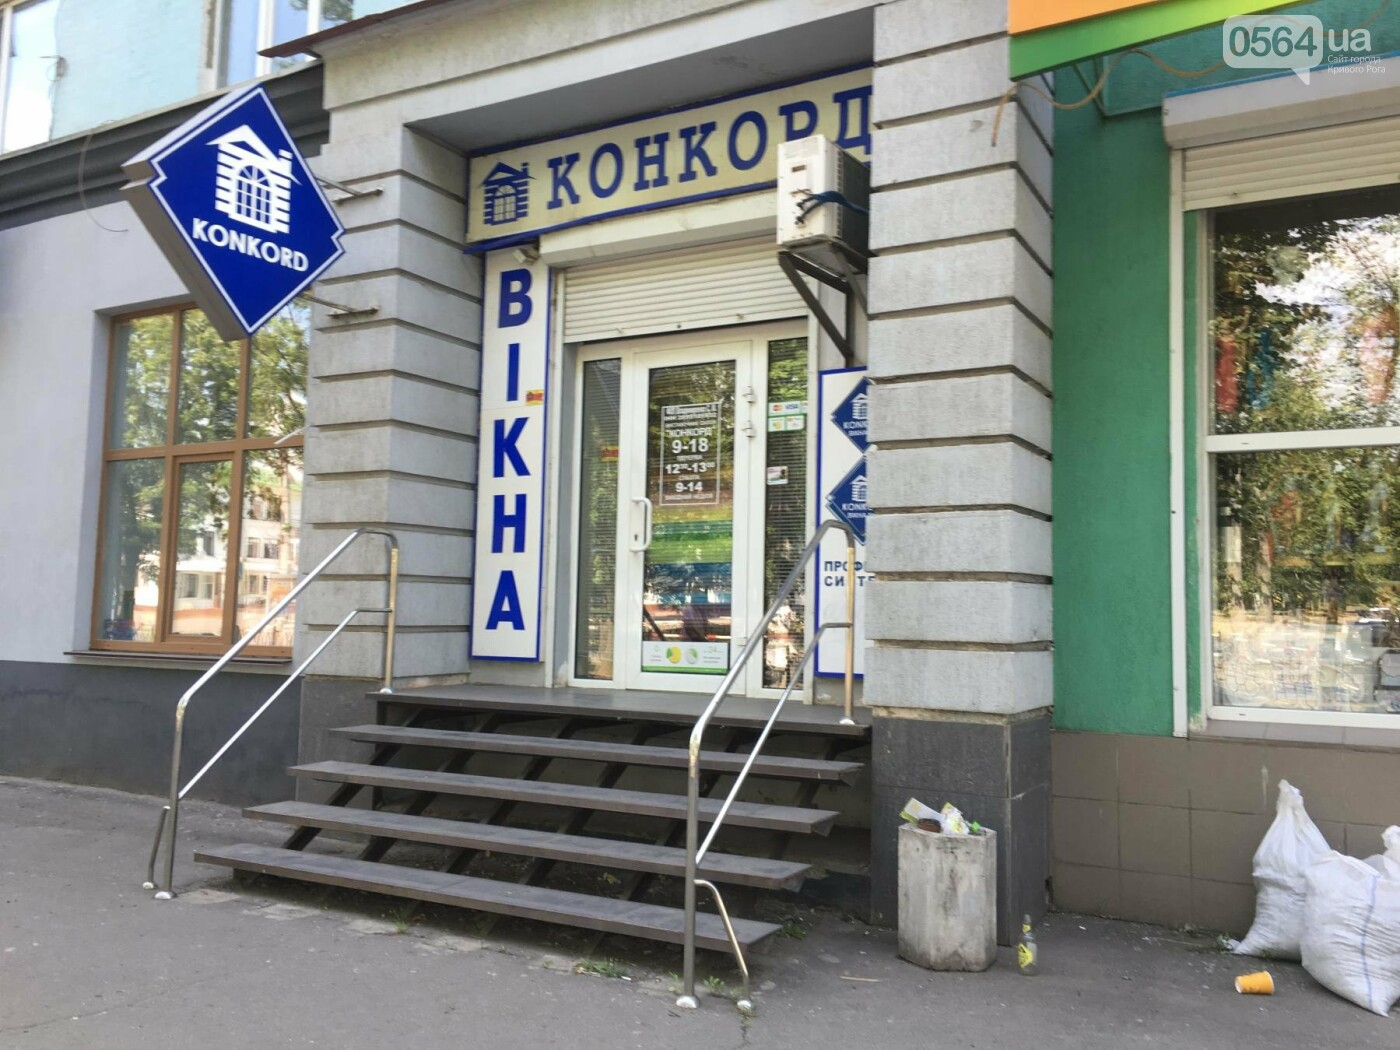 """""""Ждут штраф?"""": В Кривом Роге бизнесмены не спешат устанавливать урны возле своих магазинов, - ФОТО, фото-13"""